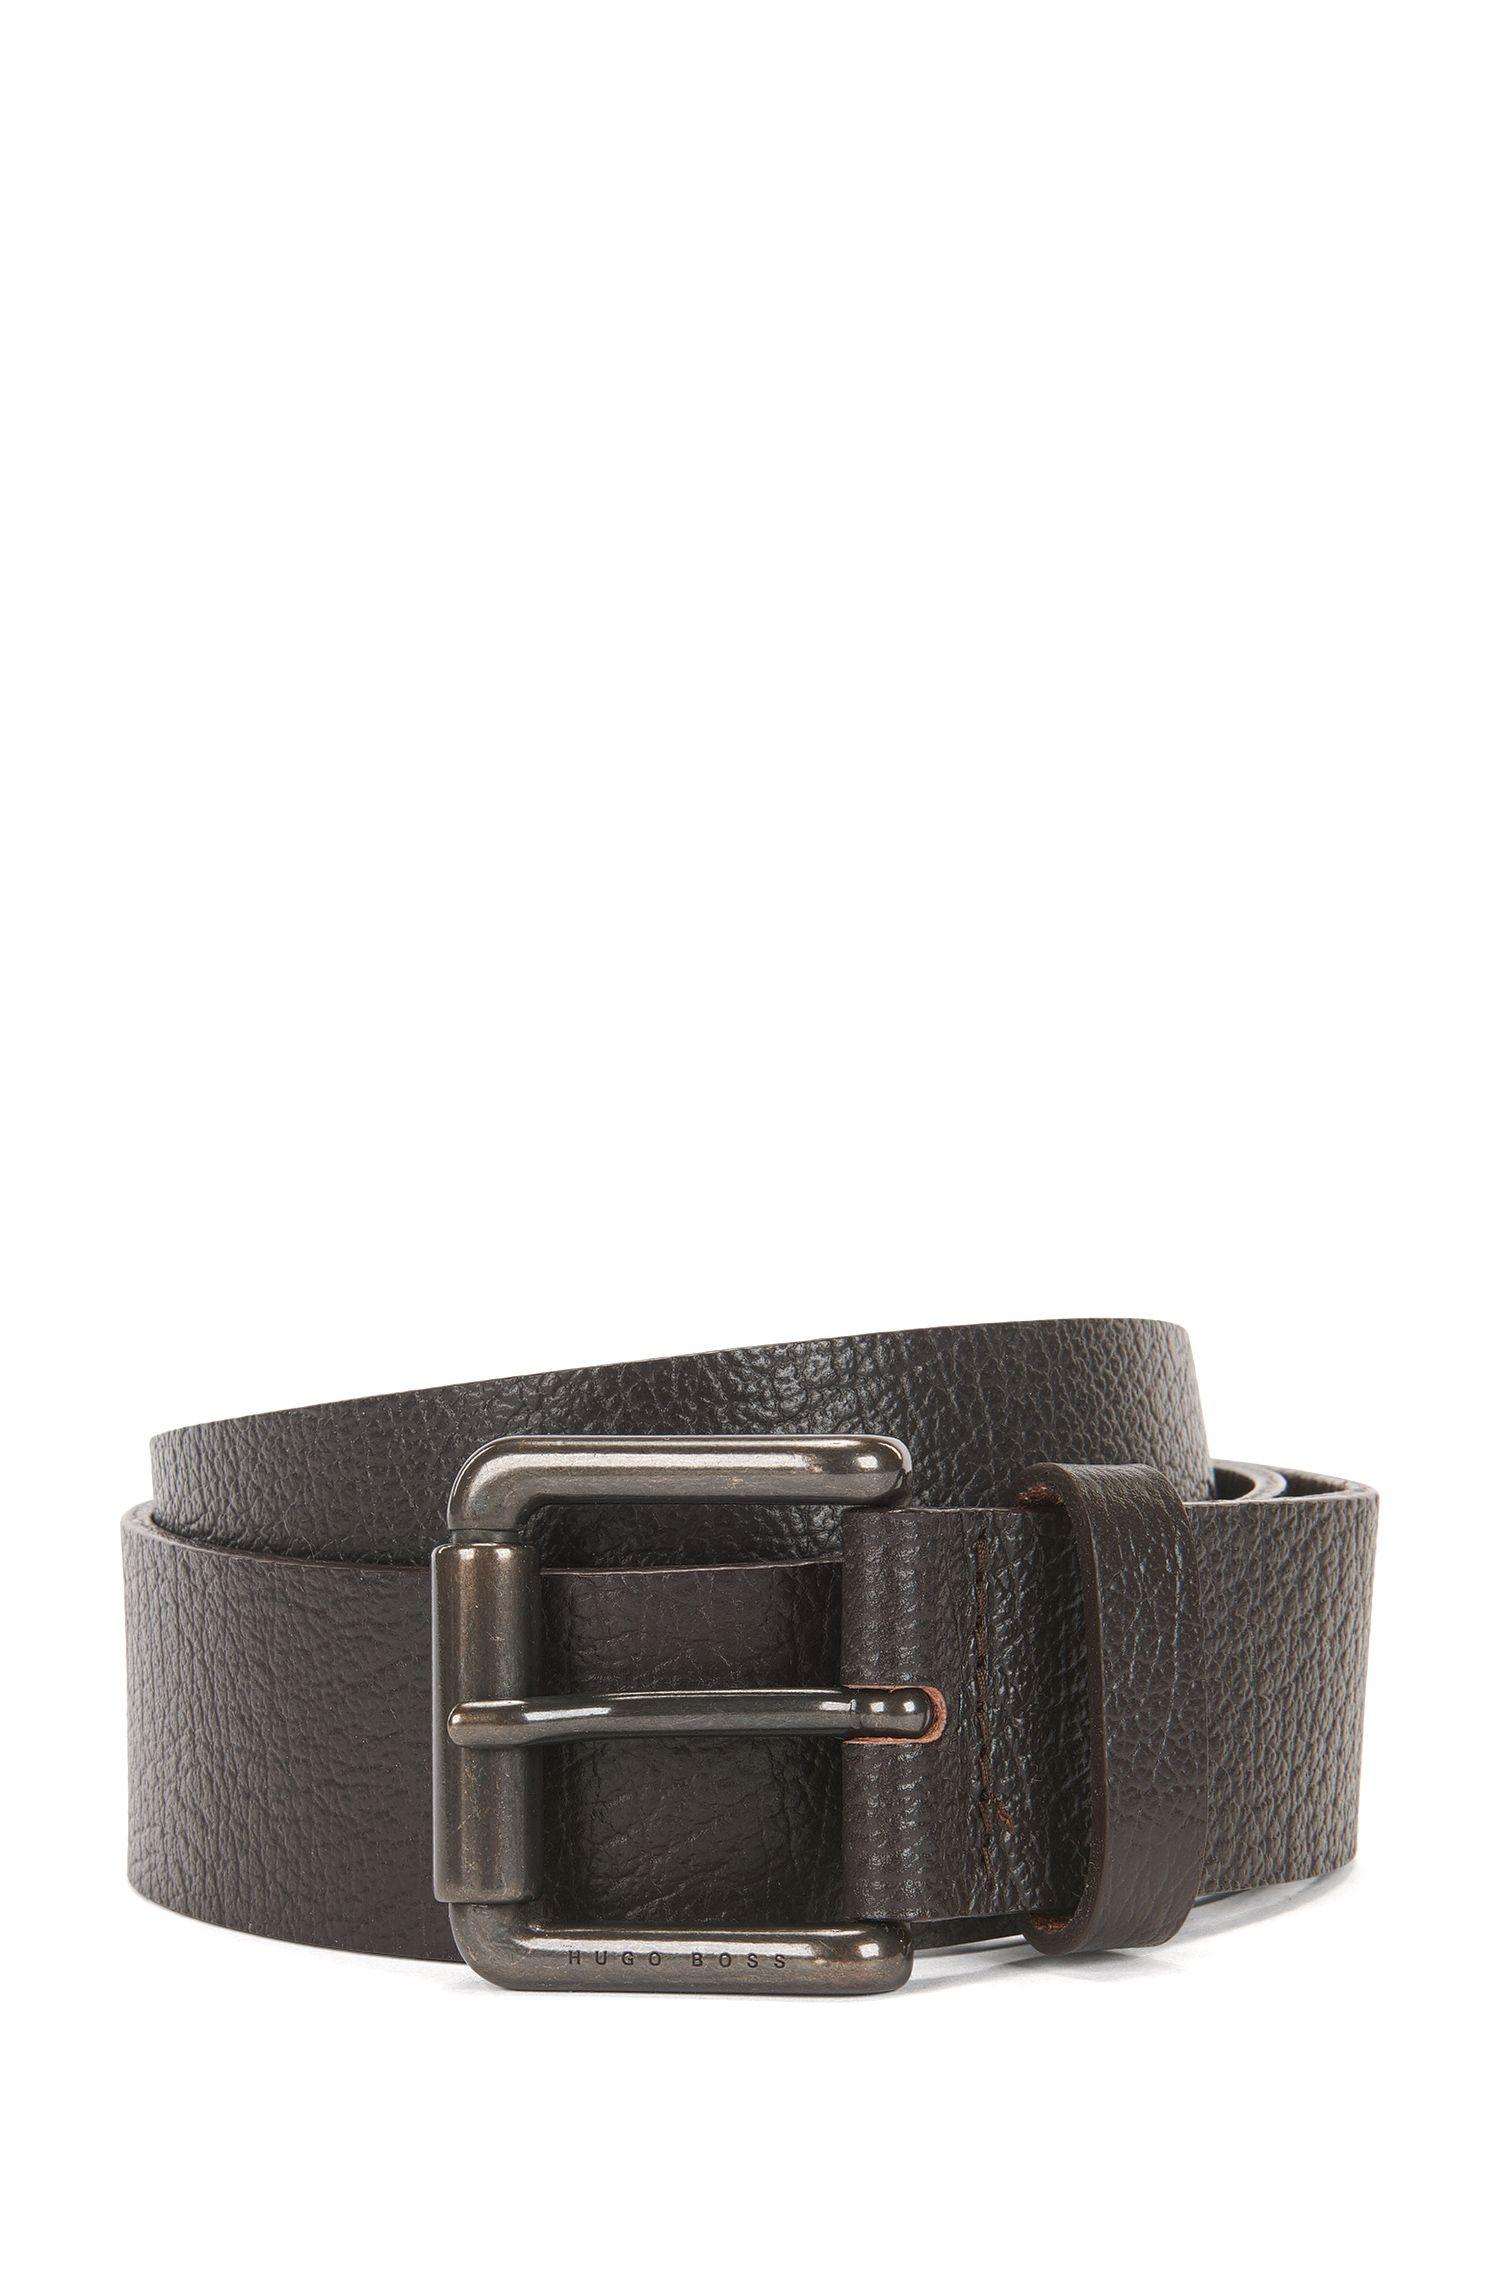 Cinturón de piel granulada con hebilla corredera de metal pesado